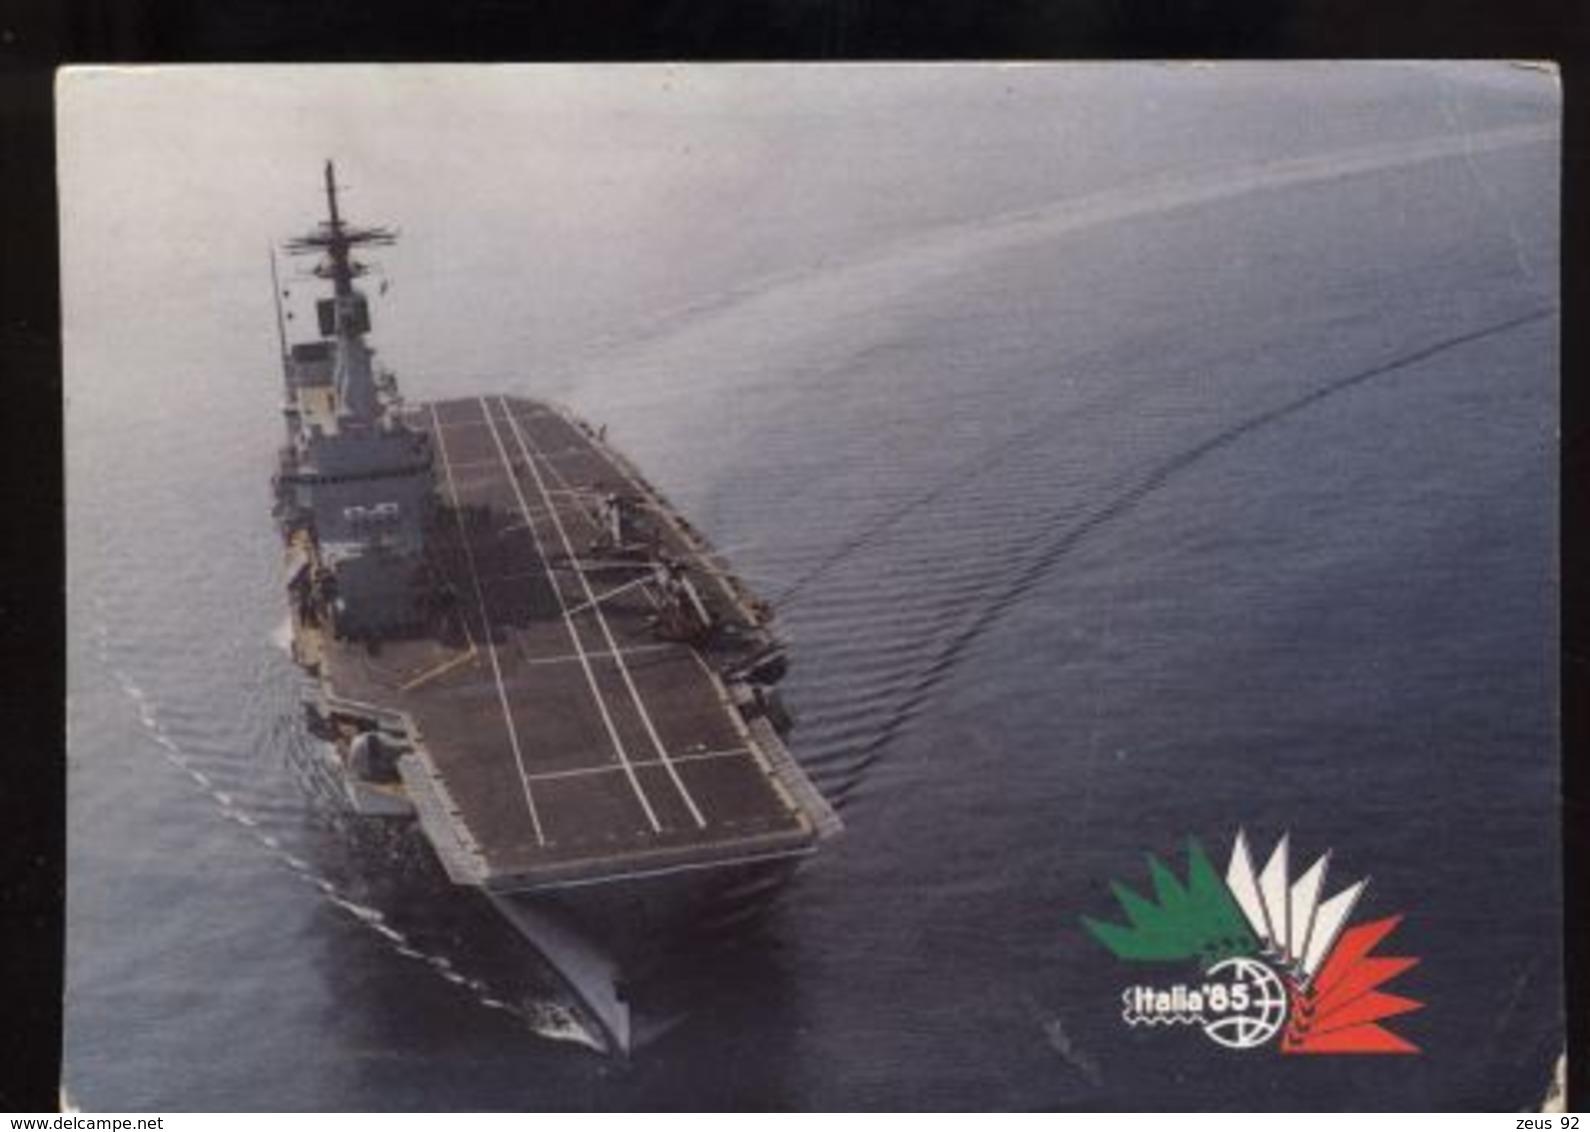 C1855 STATO MAGGIORE DELLA MARINA - ITALIA '85 - INCROCIATORE GIUSEPPE GARIBALDI - Guerra